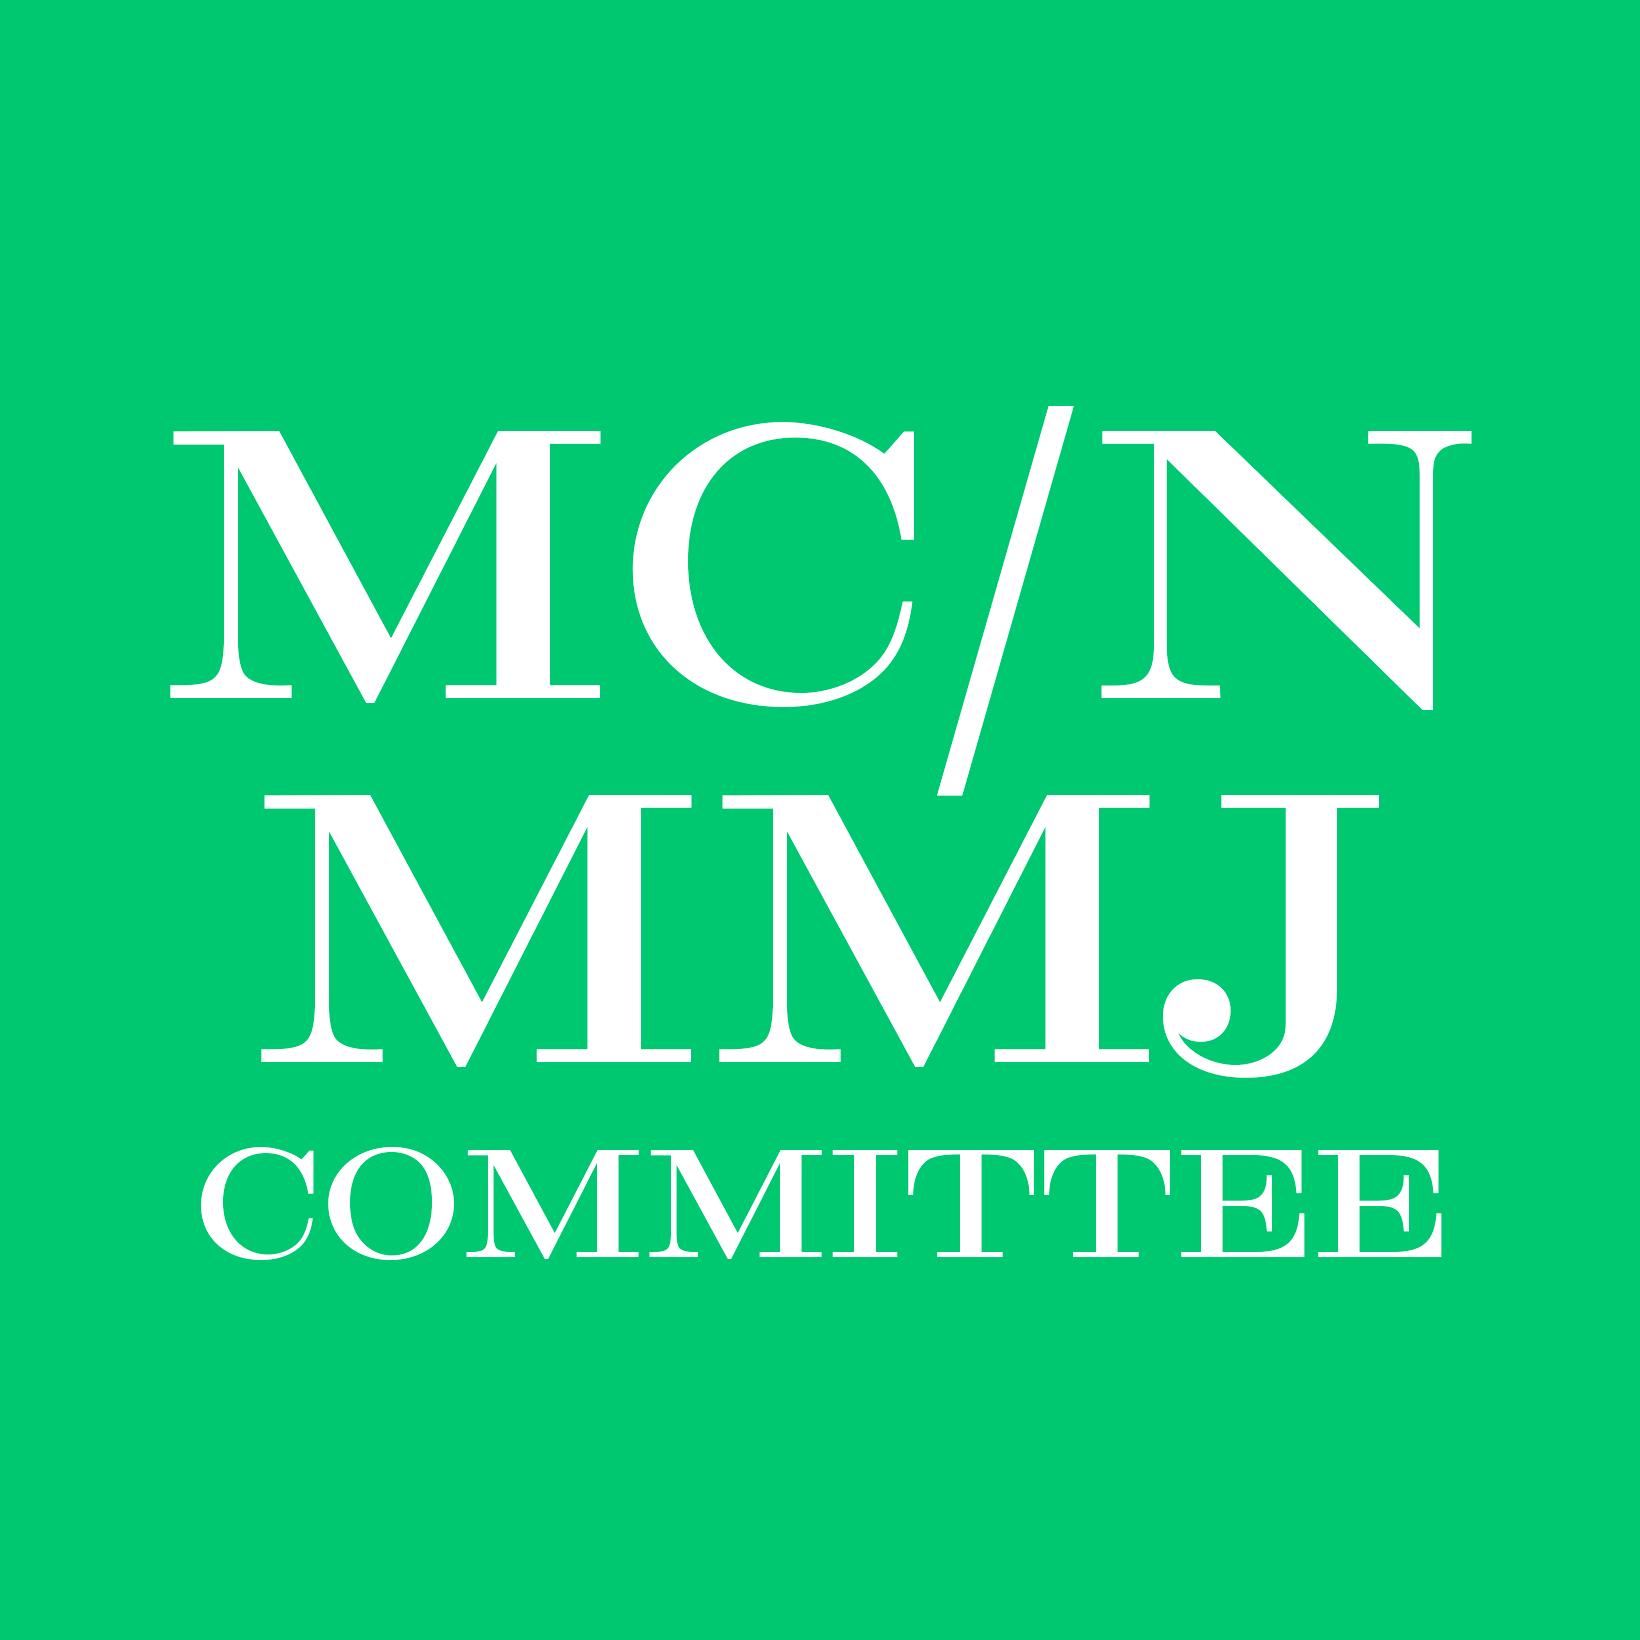 MC/N MMJ Committee Logo